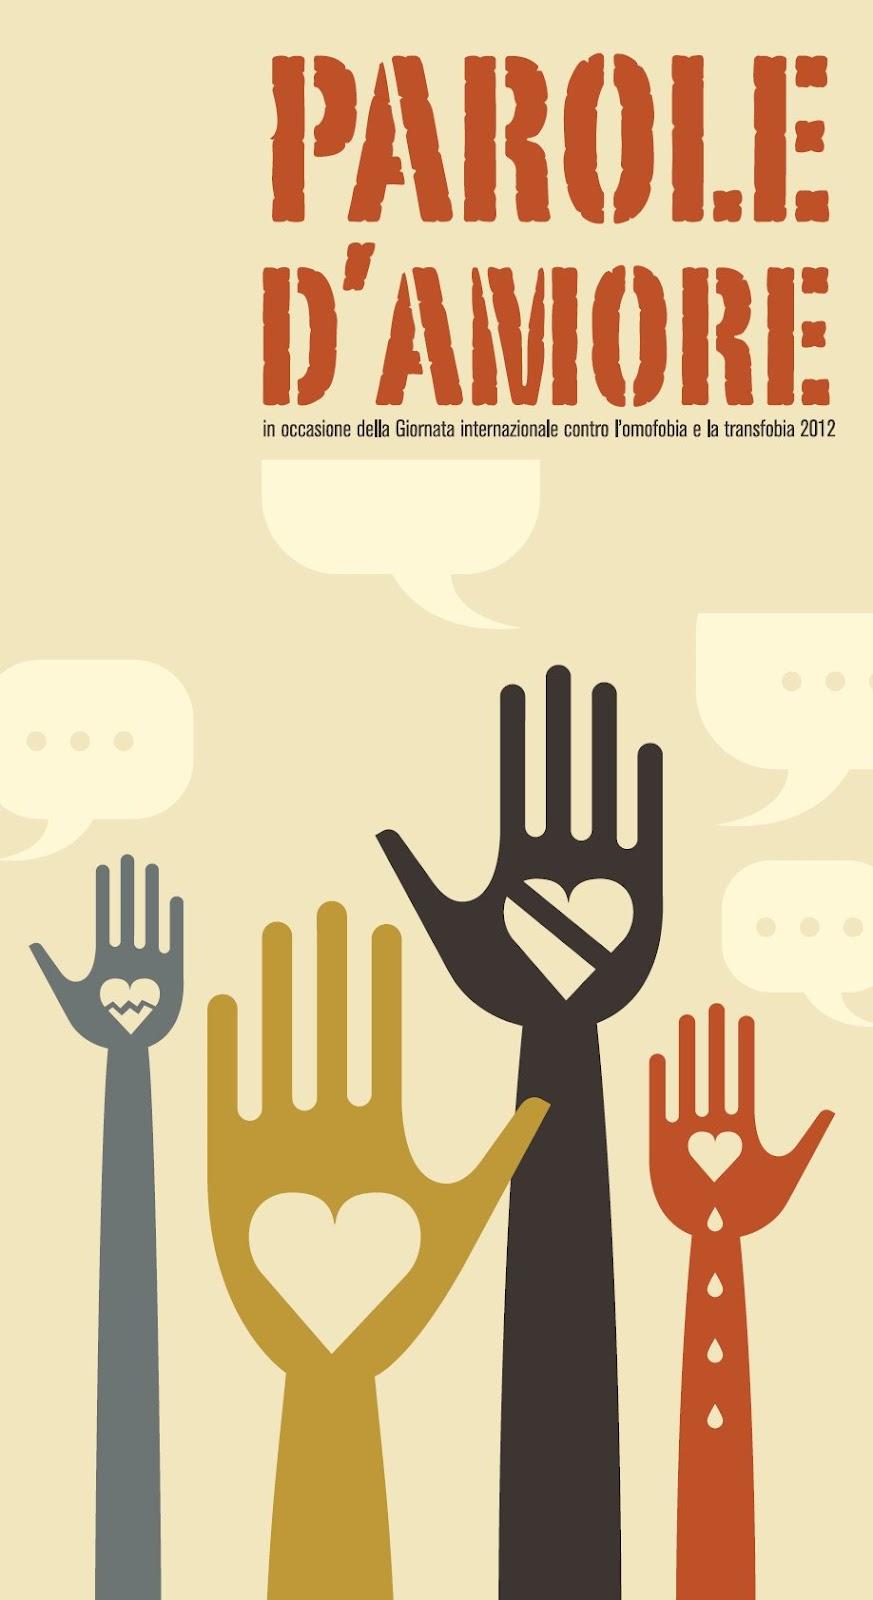 ... la transfobia 2012 17 18 e 20 maggio parole d amore a venezia i